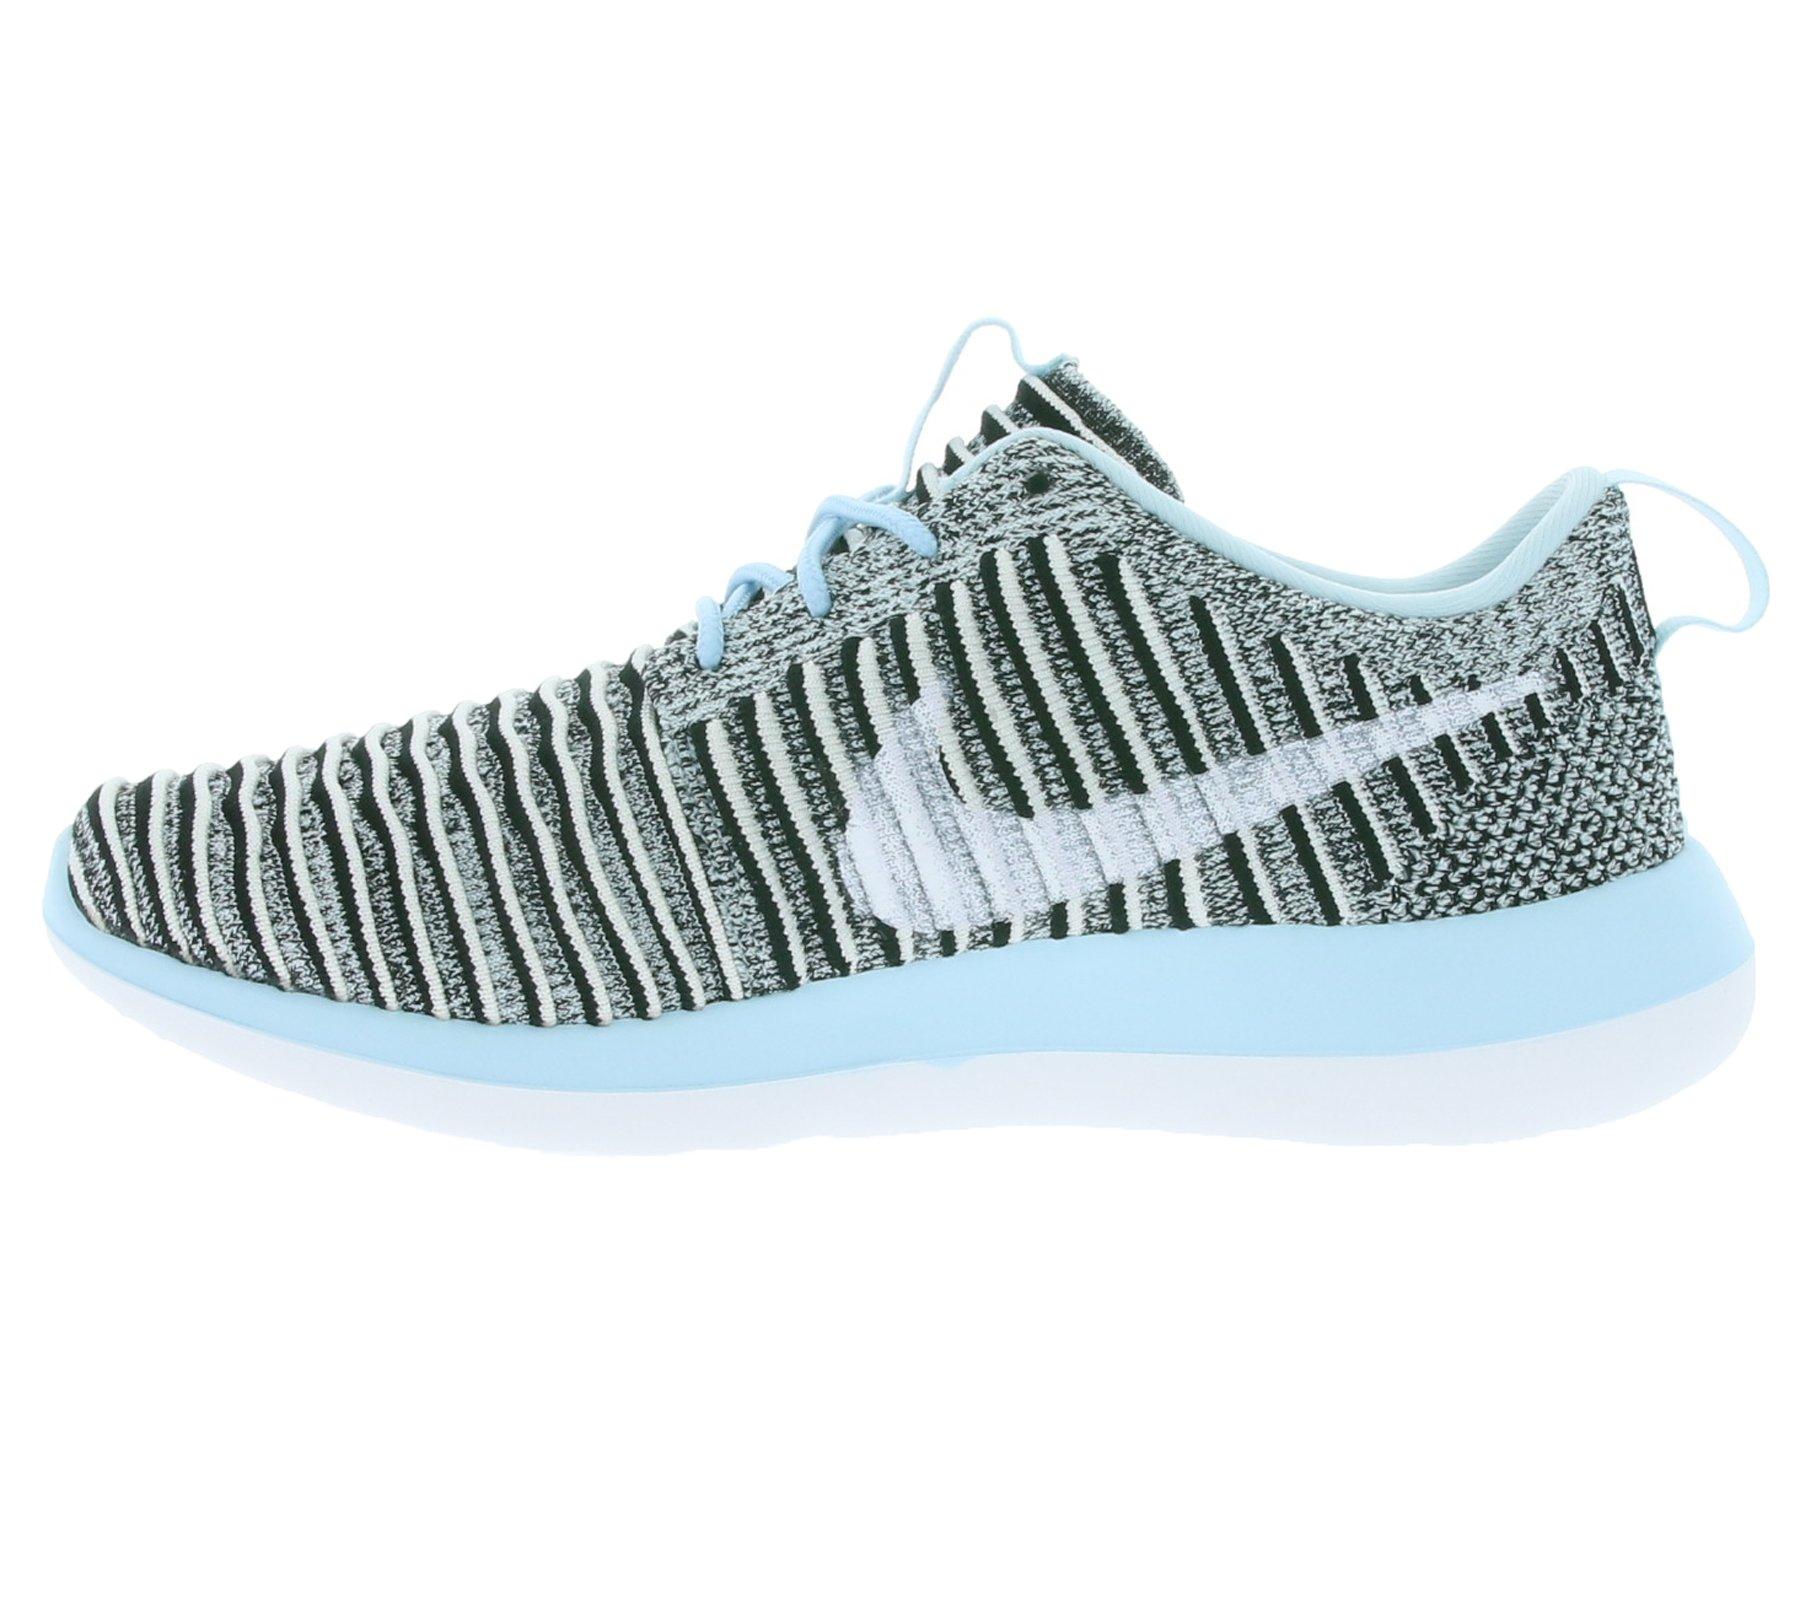 NIKE W Roshe Two Flyknit Schuhe Damen Sneaker Turnschuhe Grau 844929 402, Größenauswahl:39